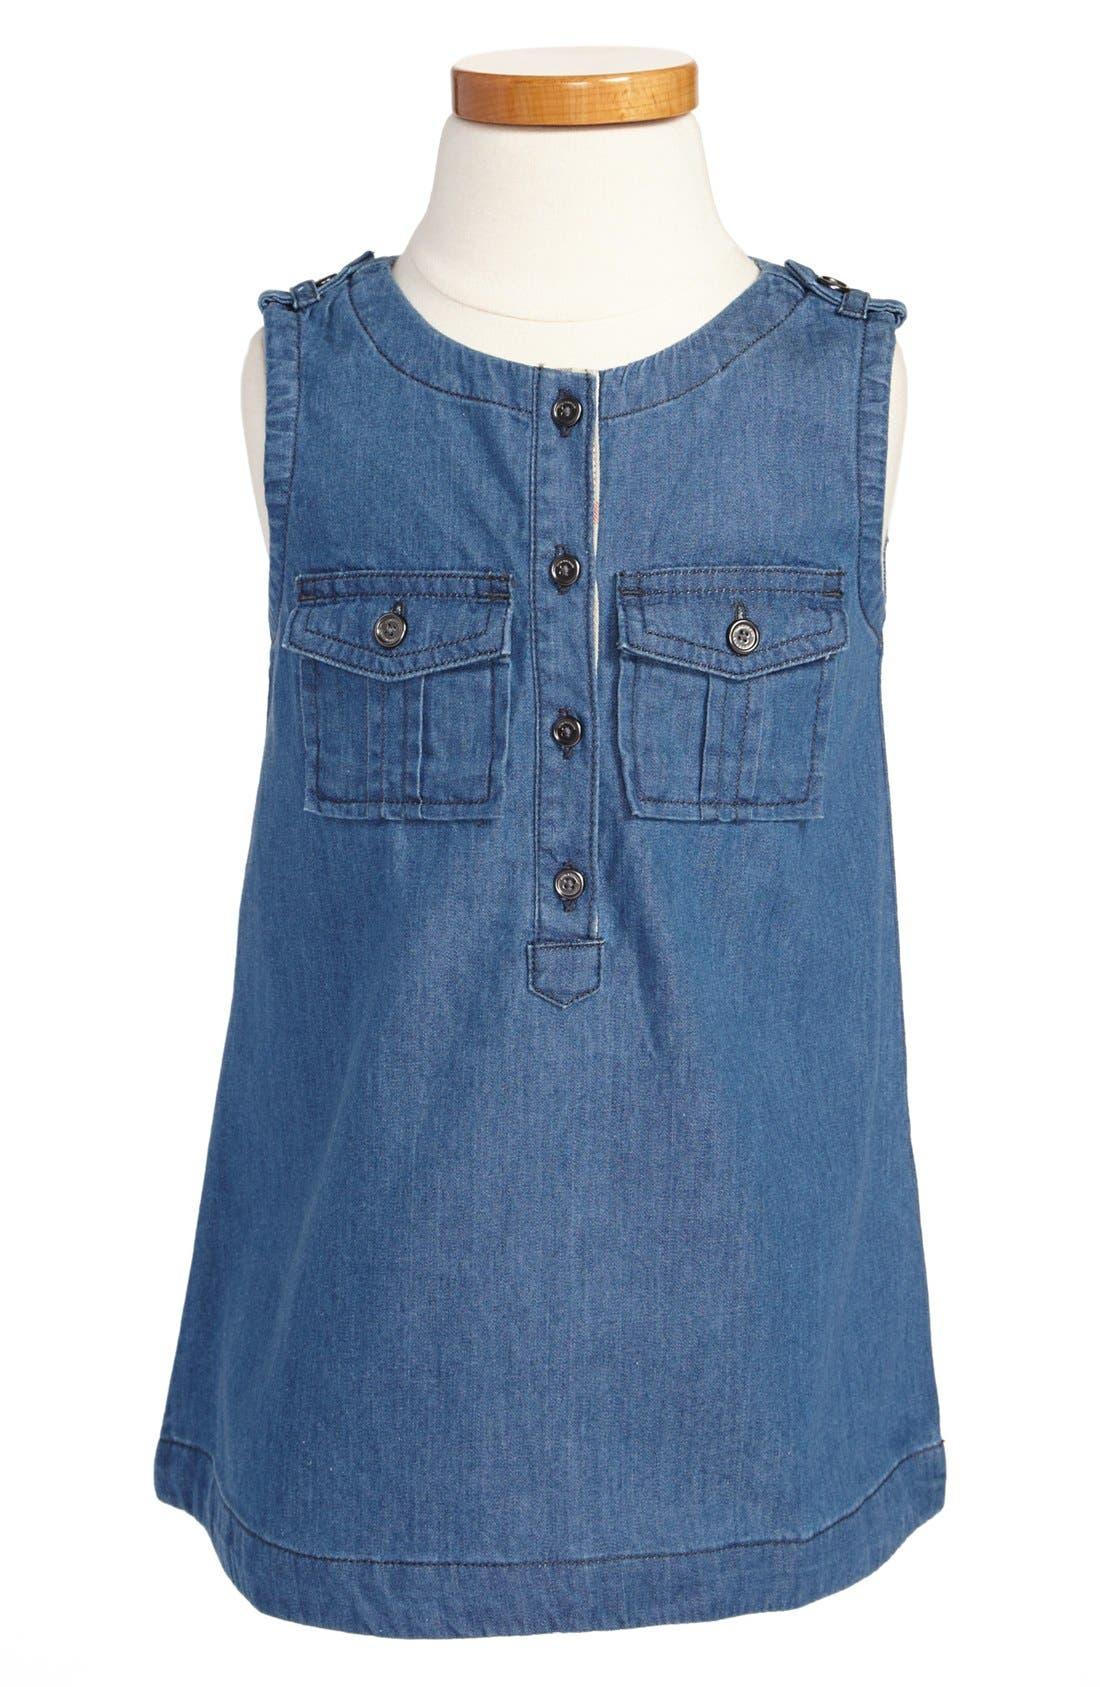 Main Image - Burberry 'Josephine' Dress (Toddler Girls)